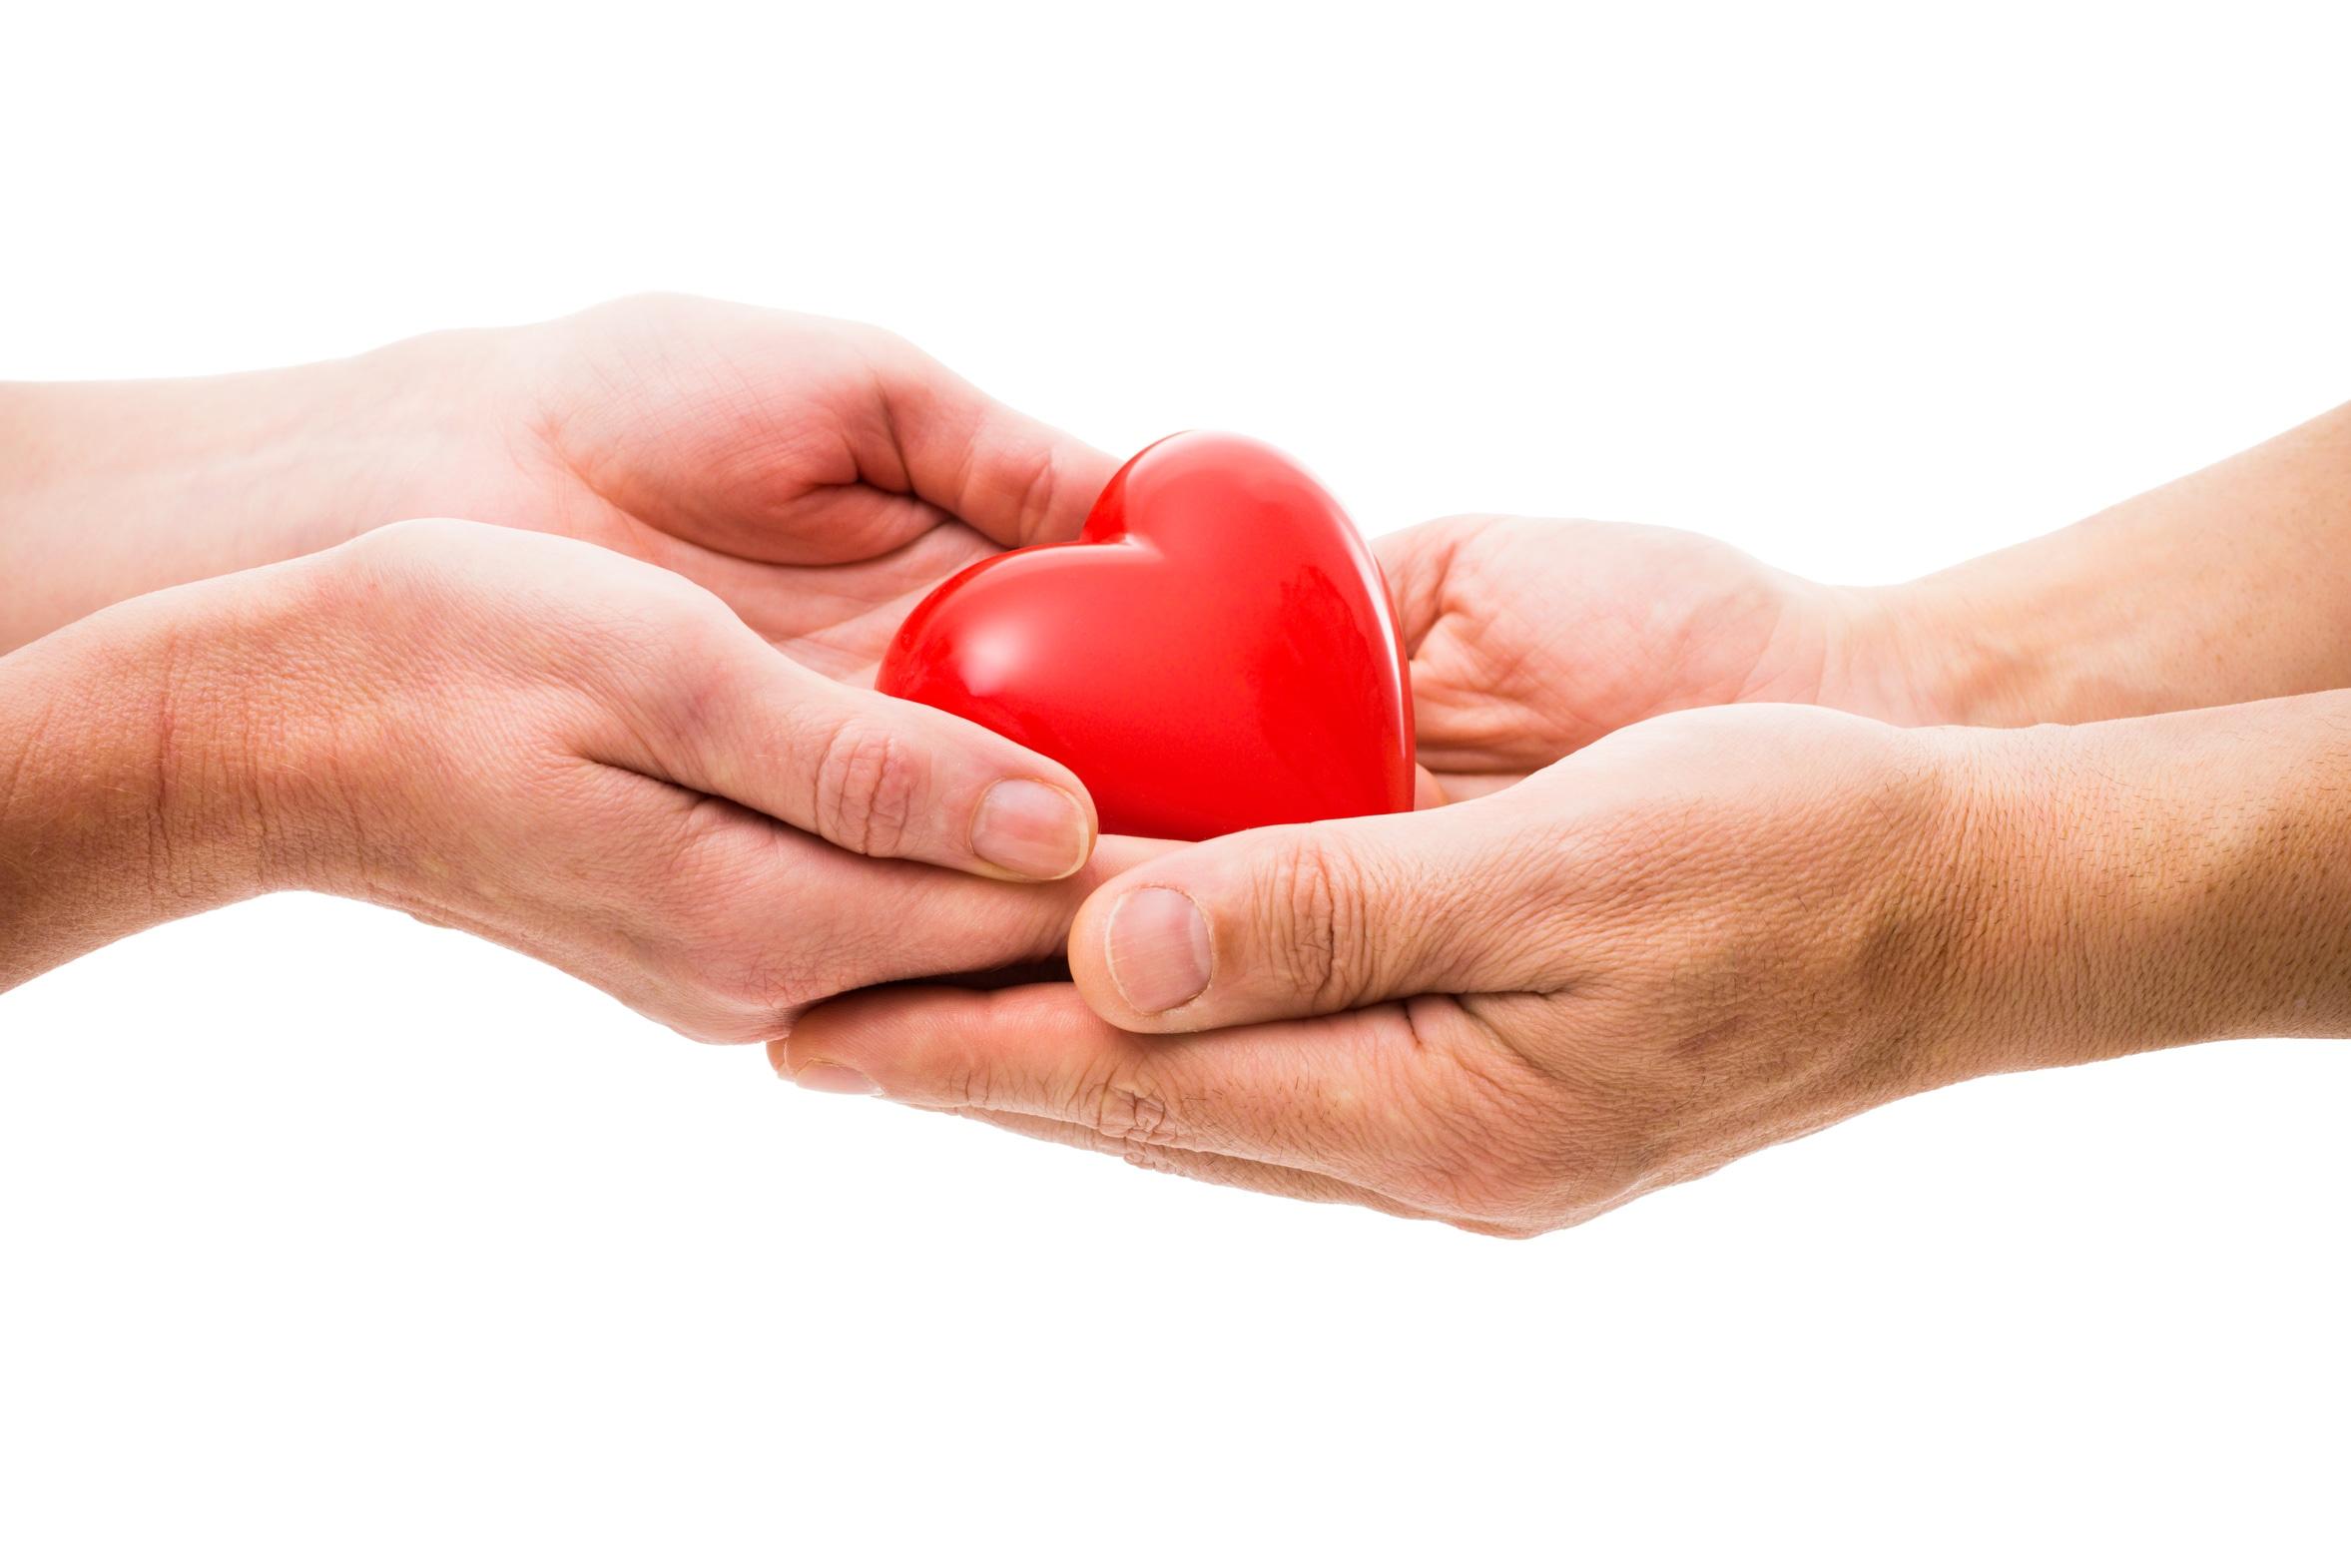 La donación es un gesto voluntario y altruista.